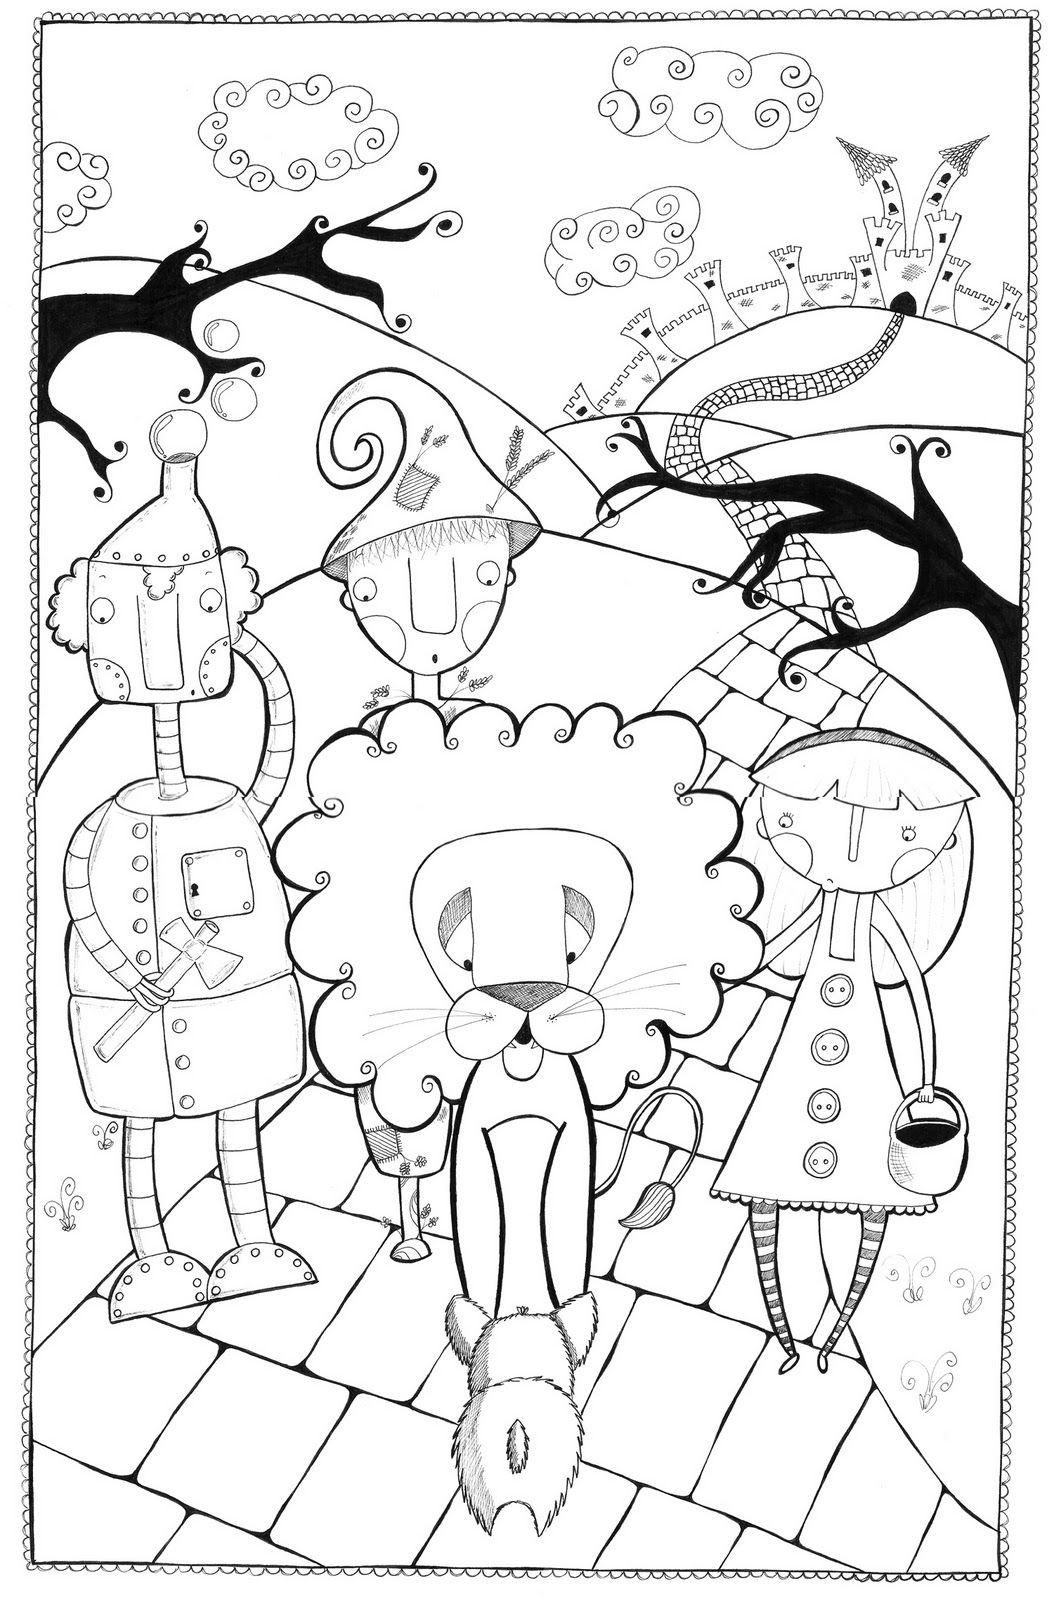 Dibujo para colorear de El Mago de Oz  mundo mgico de Oz